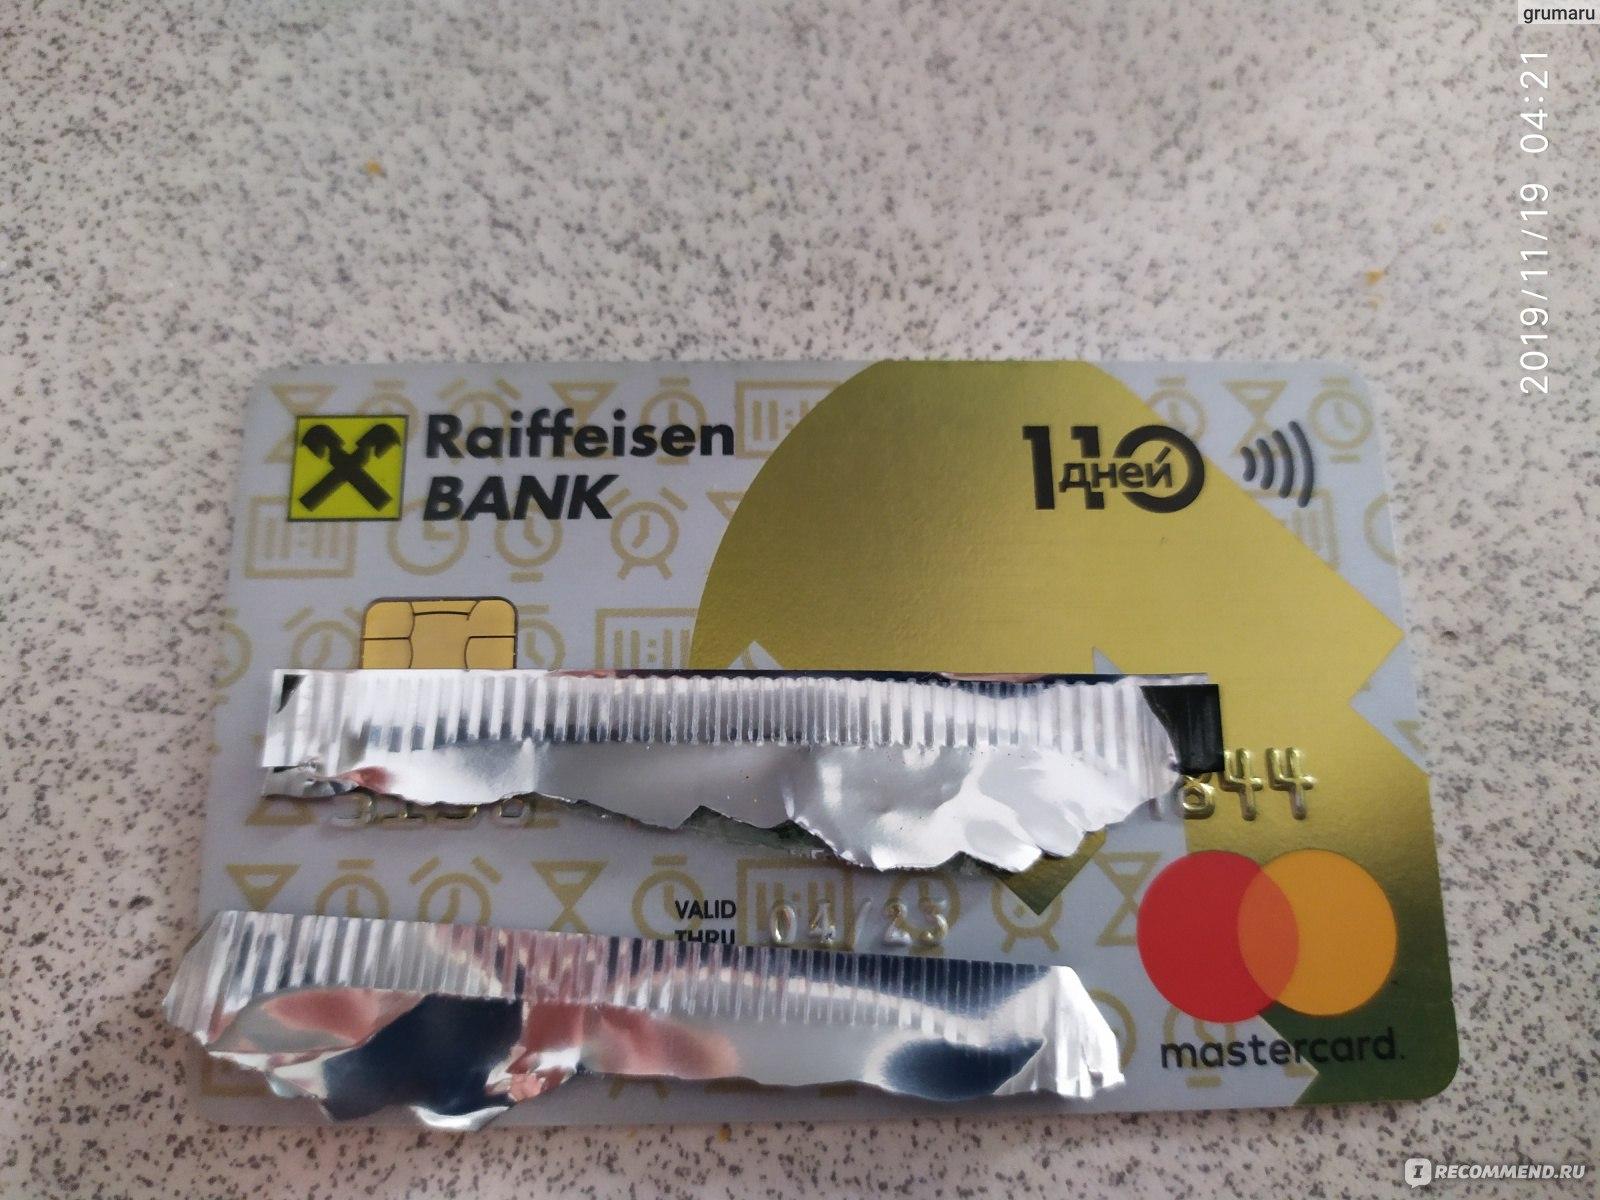 кредитная карта 110 дней от райффайзен банка как перевести деньги с одного номера мегафон на другой номер мегафона в личном кабинете